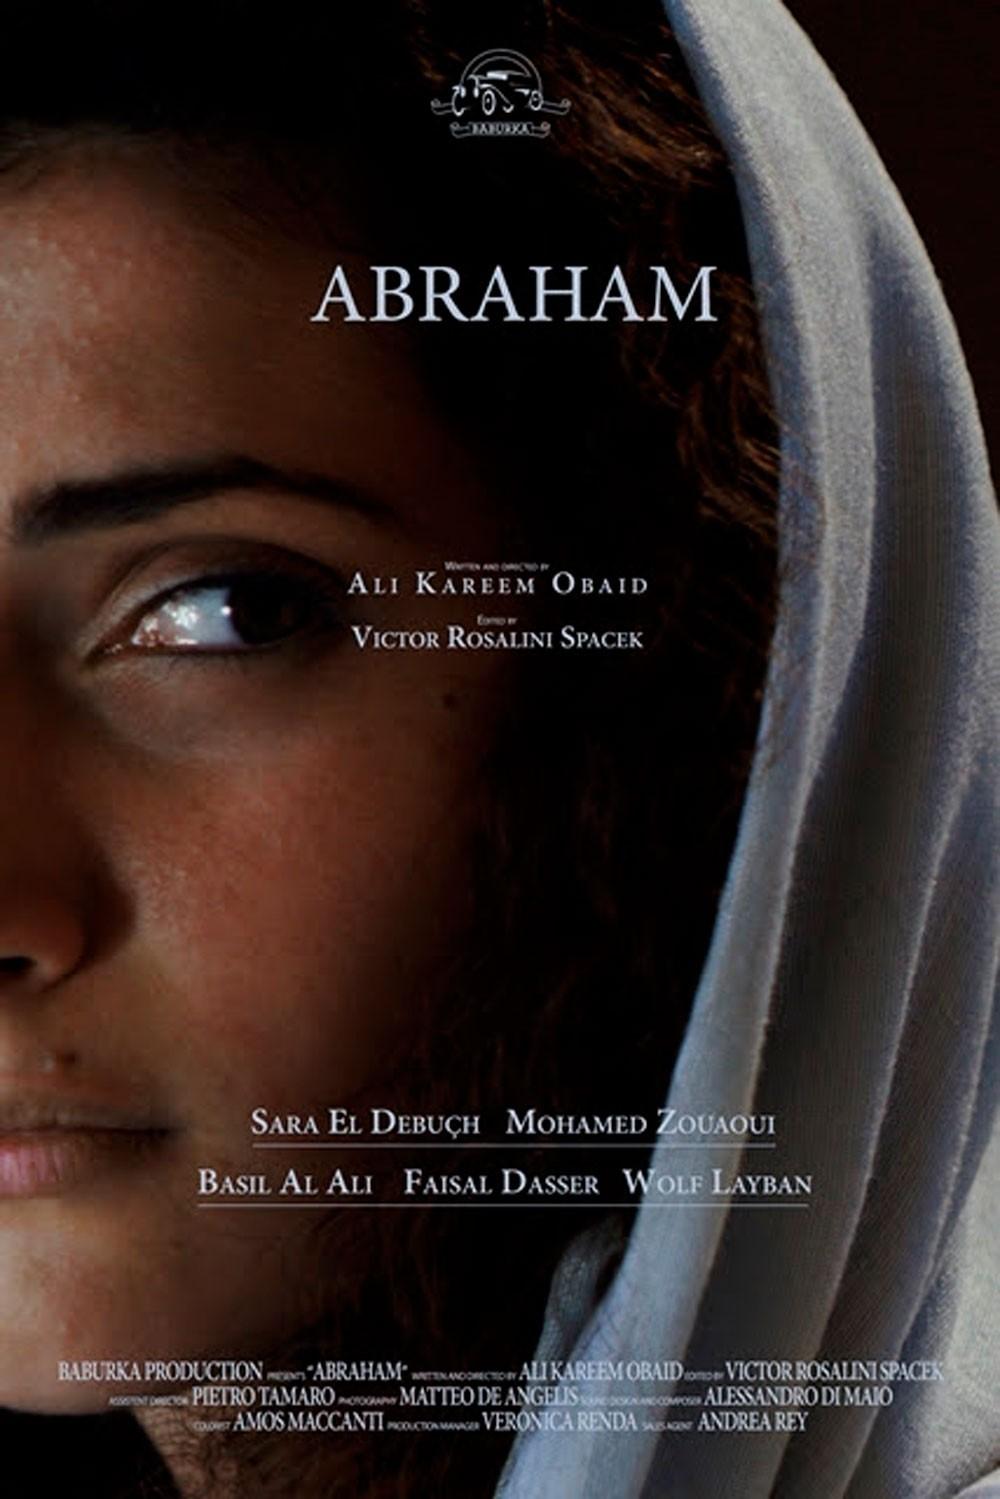 7 أفلام لـMAD  في مهرجان كرامة ببيروت